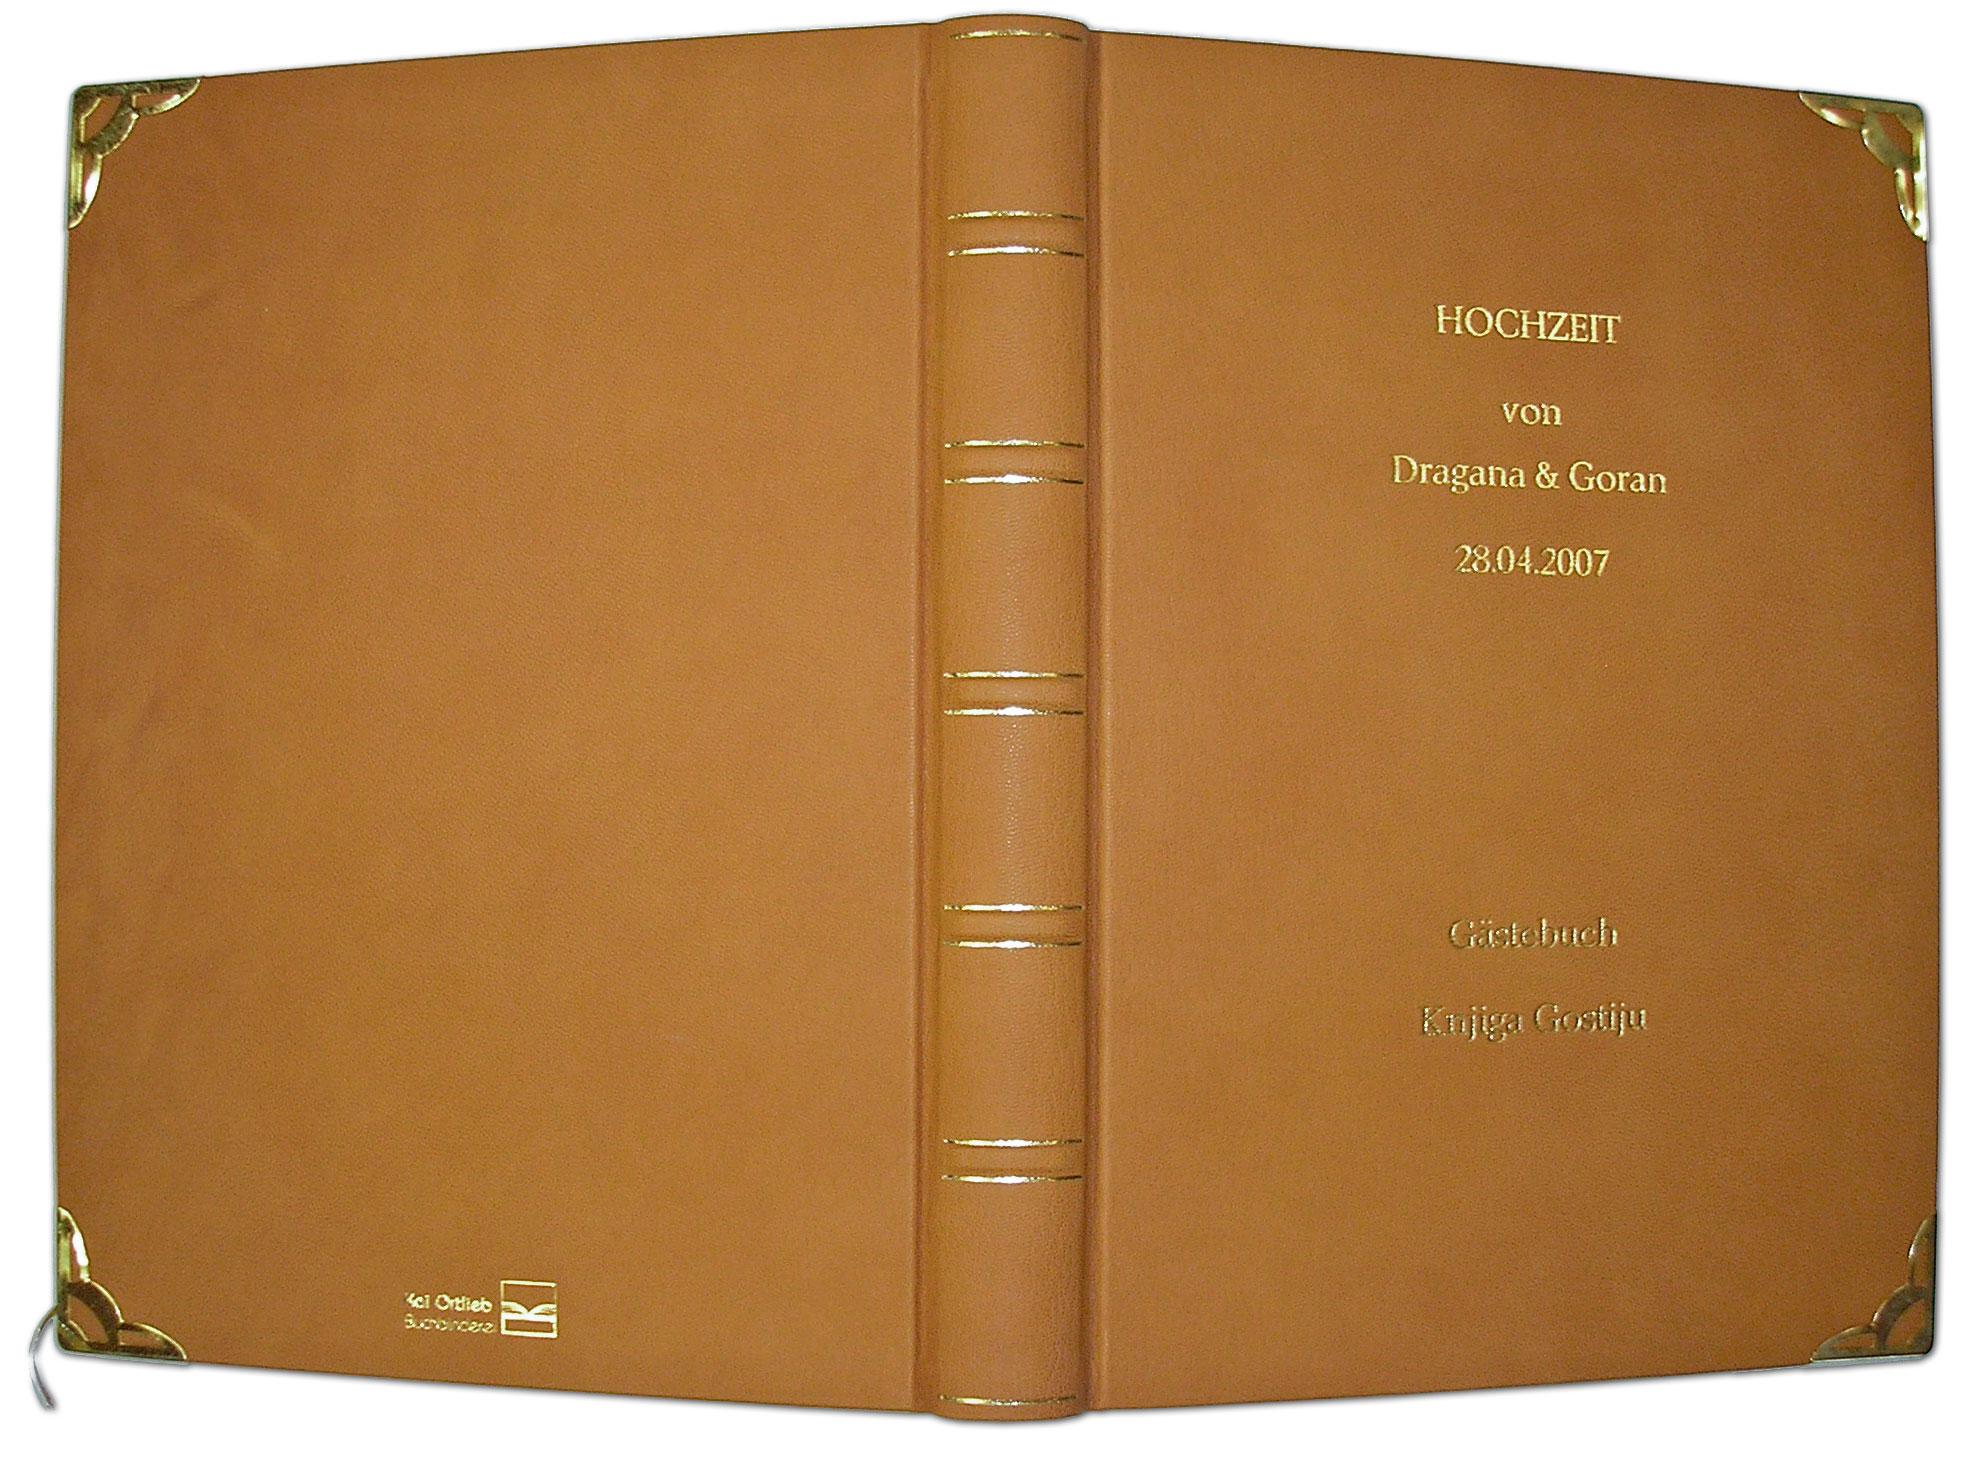 Hochzeitsbuch in Leder